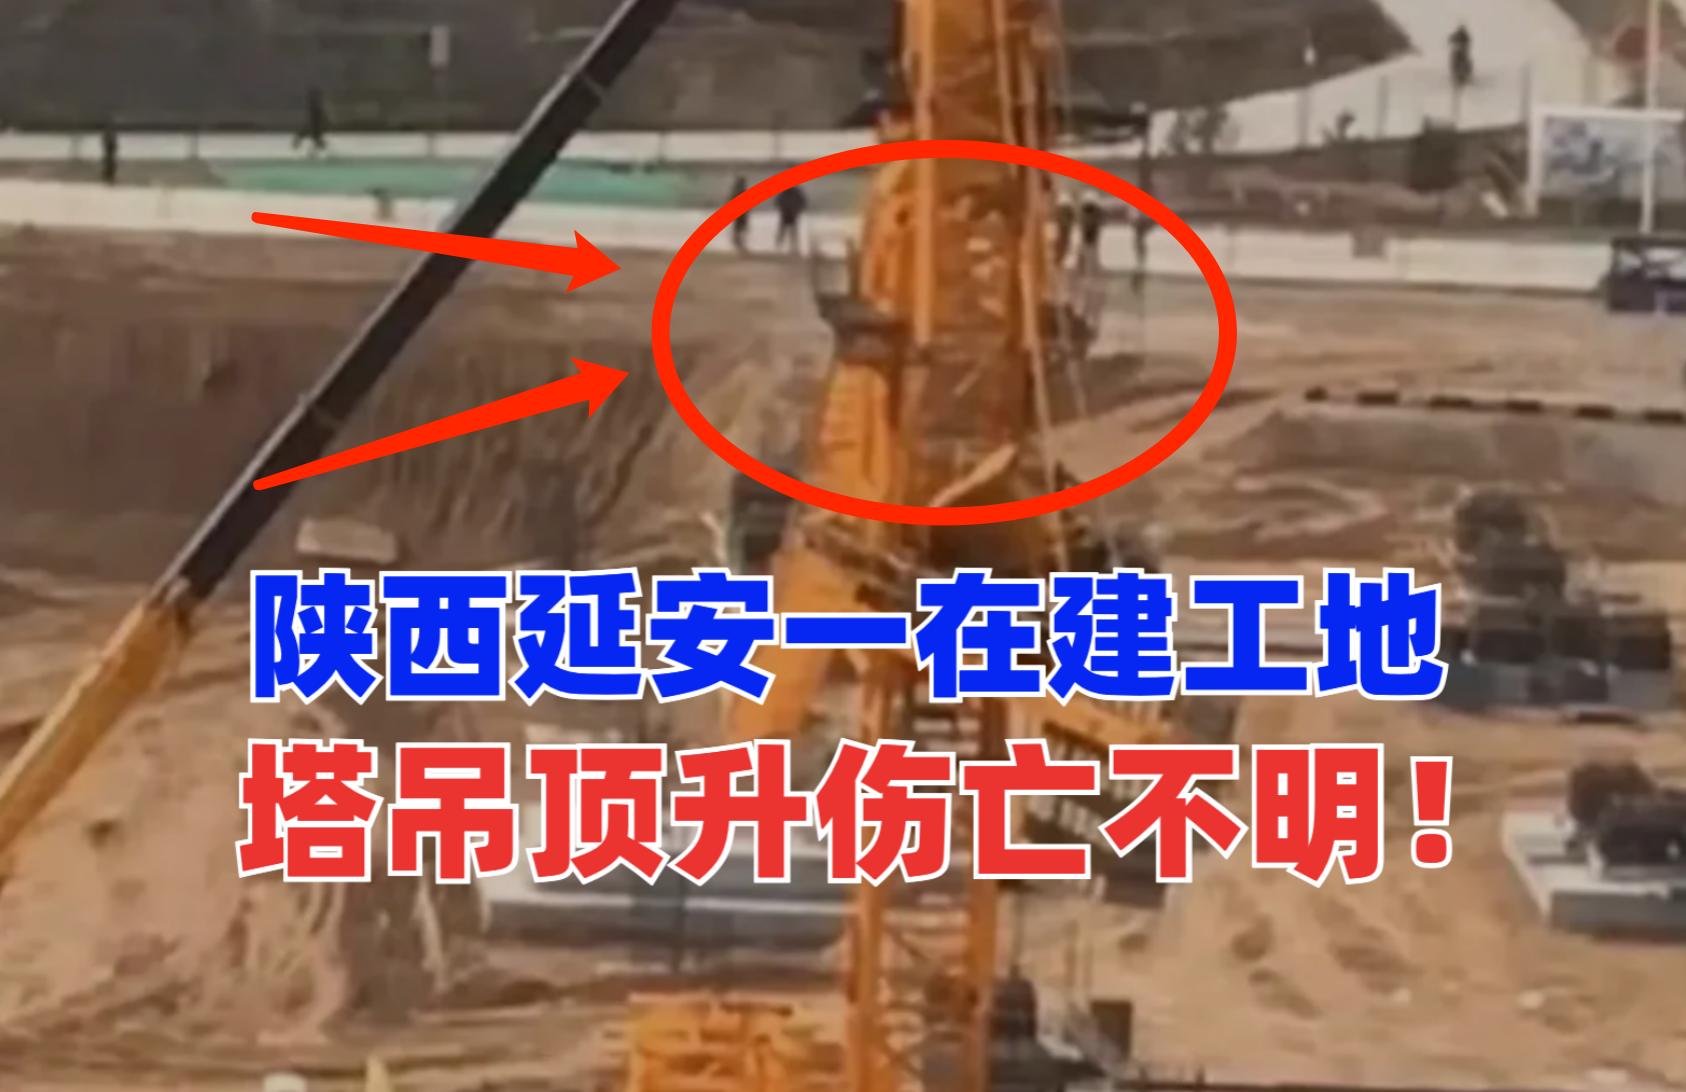 伤亡未知!陕西延安一在建工地发生塔吊顶升事故,安全如何保障?